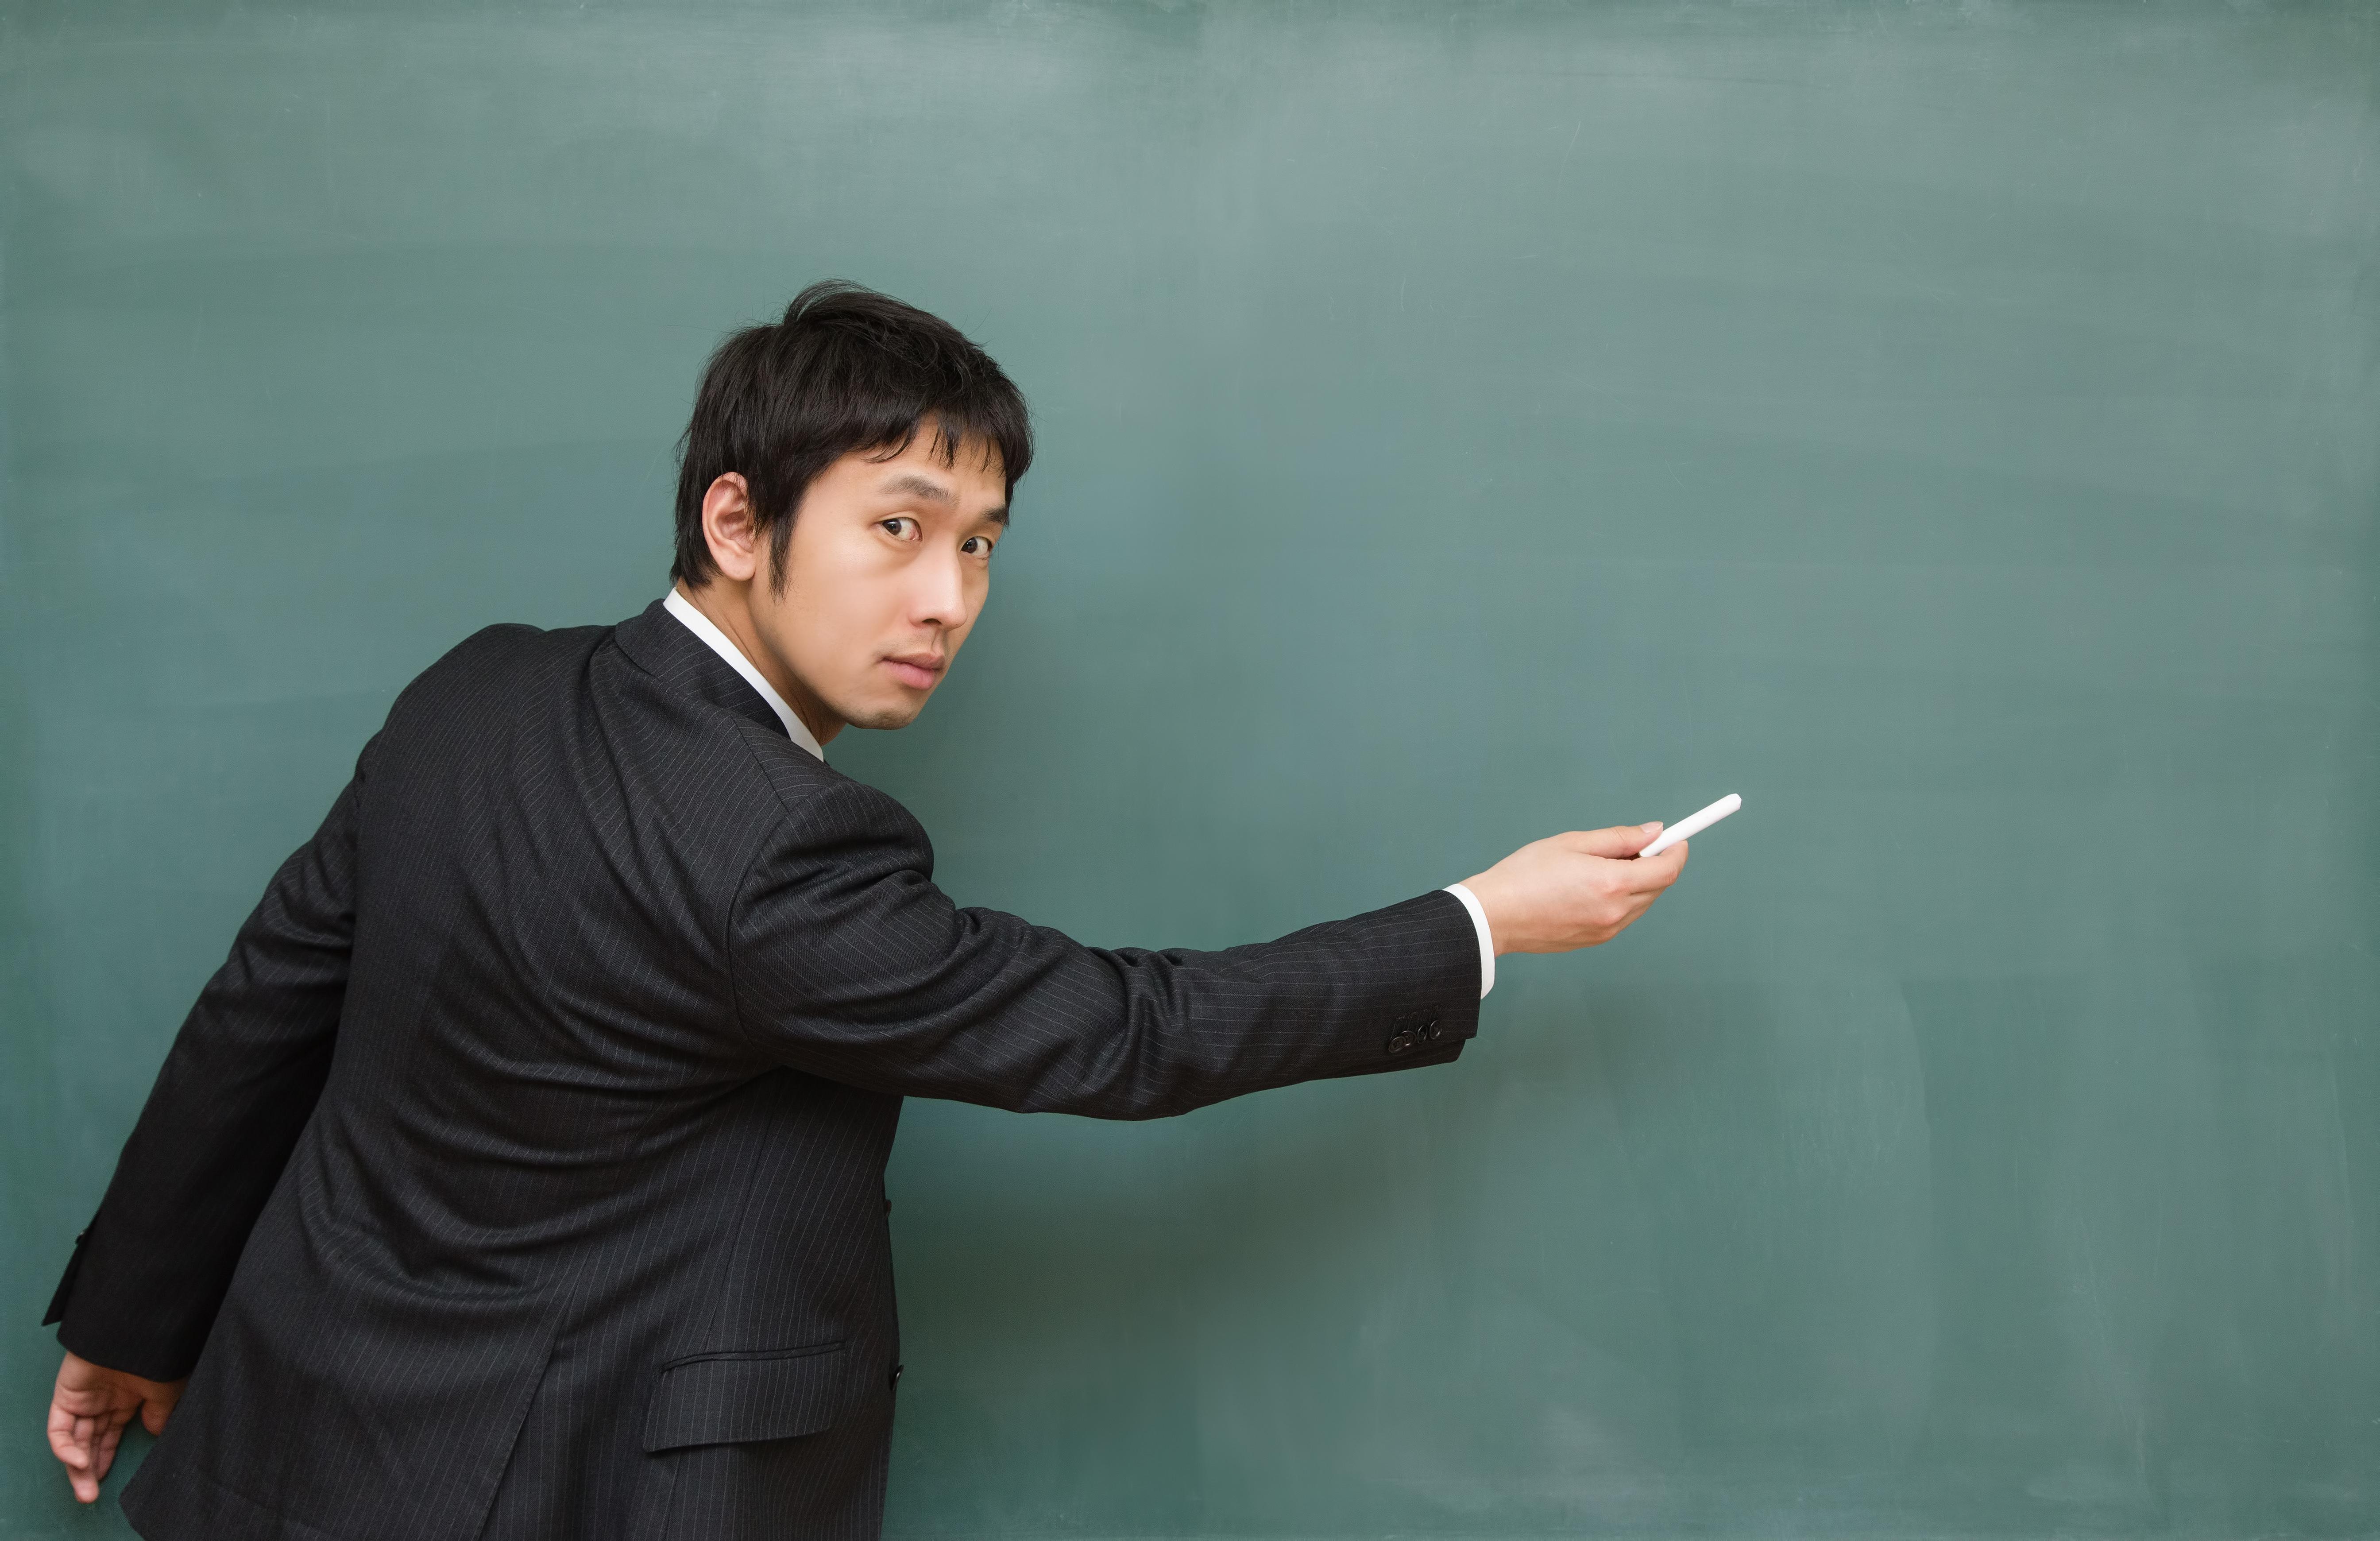 「であれば」の意味と使い方・敬語・言い換え方法と例文